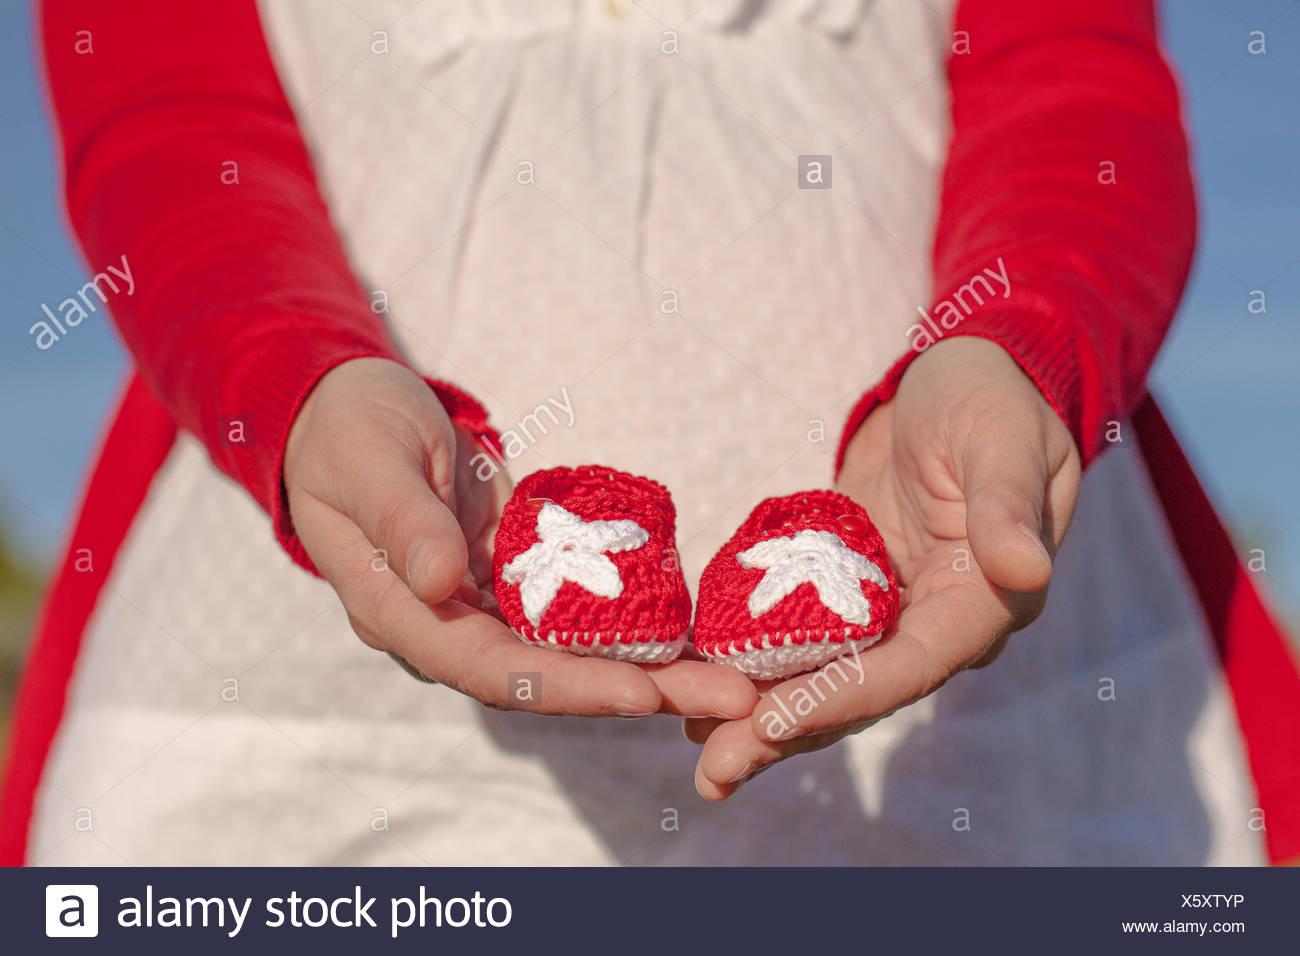 En España, la provincia de Guadalajara, en Castilla-La Mancha, Chica sujetando baby shoes Imagen De Stock